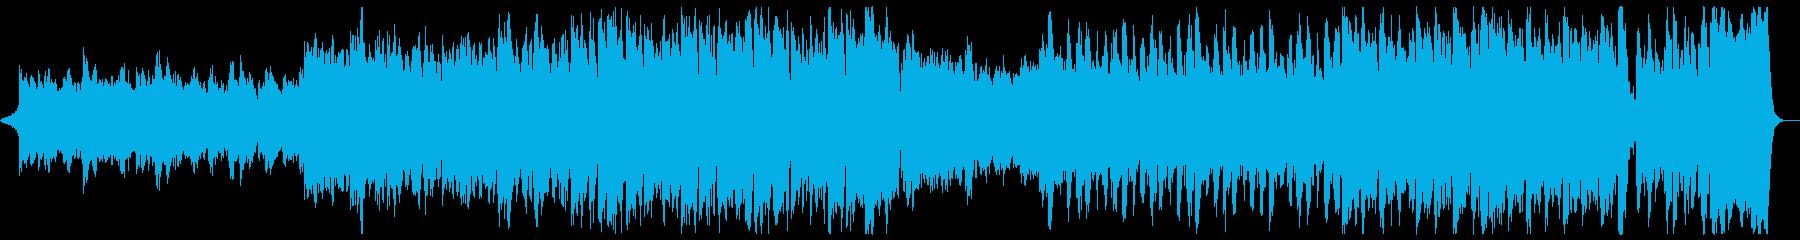 希望に満ち前向きで壮大なマーチ:ドラム抜の再生済みの波形